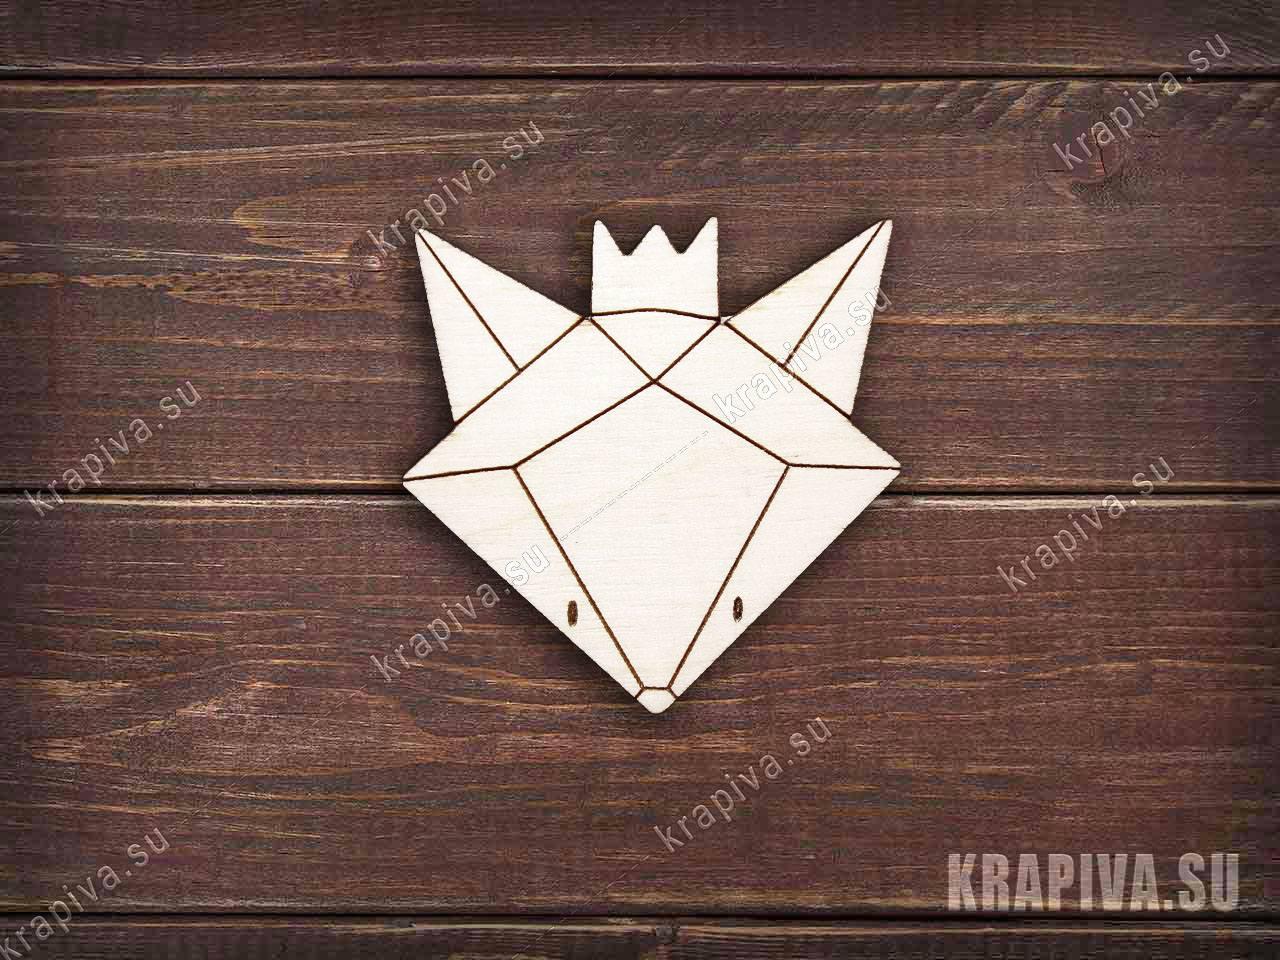 Геометрическая лиса №8 заготовка значка под роспись (krapiva.su)